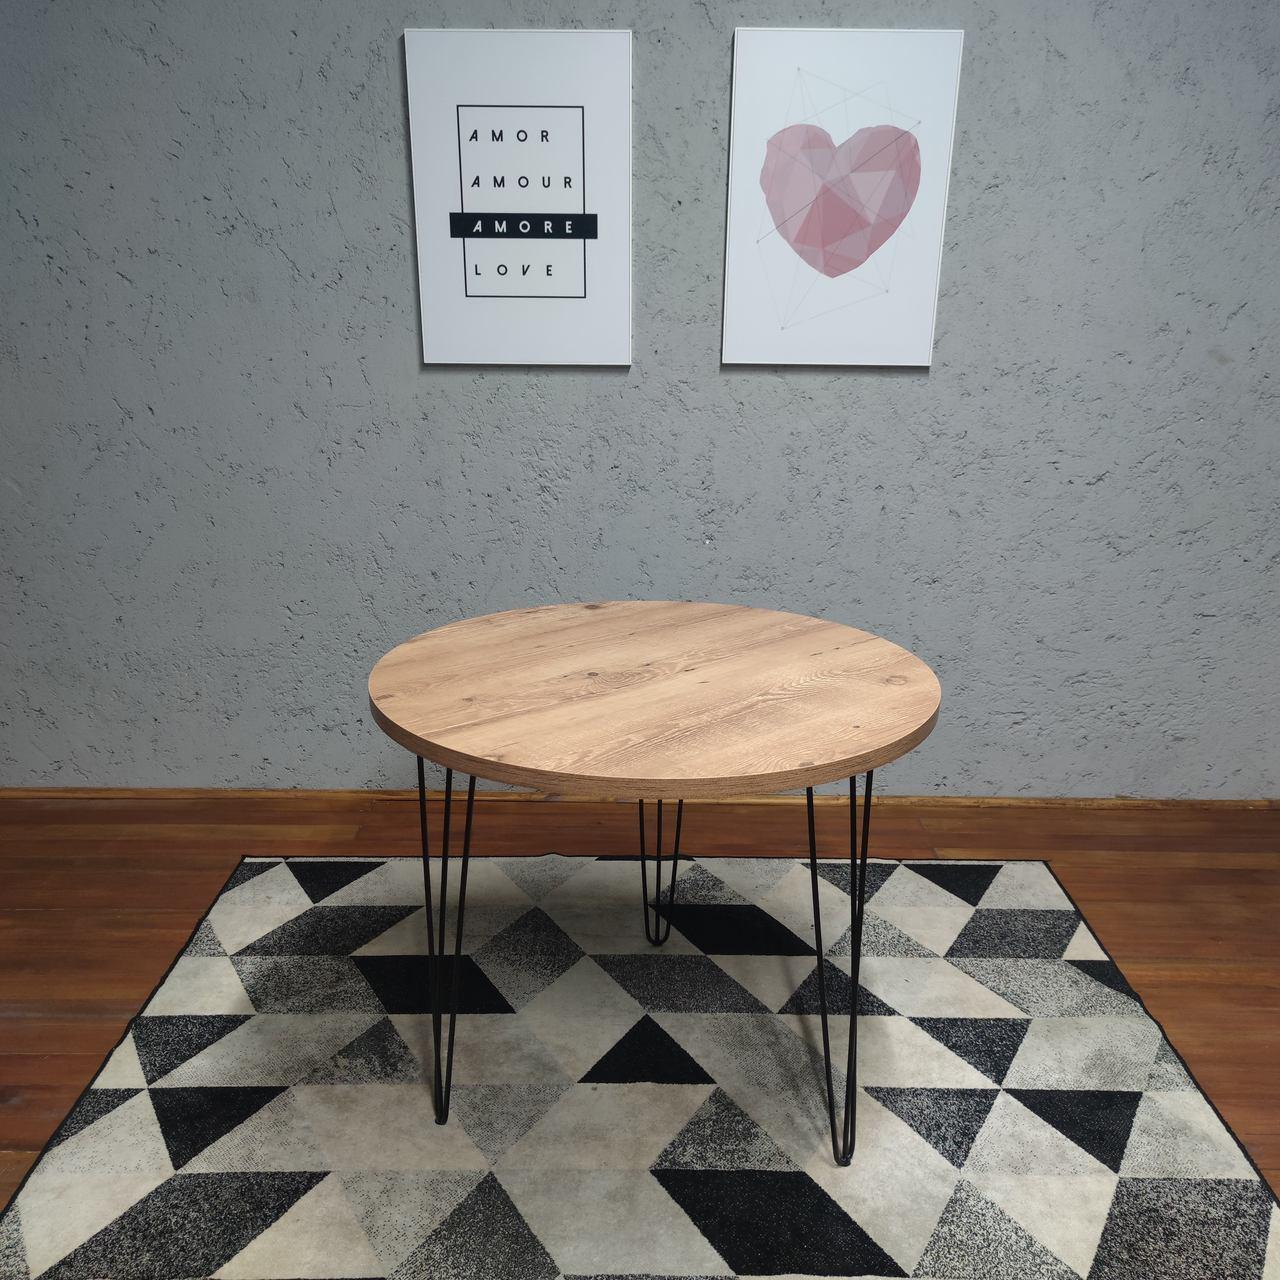 Mesa de Jantar Redonda para 3 Lugares 90cm Antiqua com Hairpin Legs e Tampo 100% MDF (Não acompanham cadeiras)  - Mtne Store